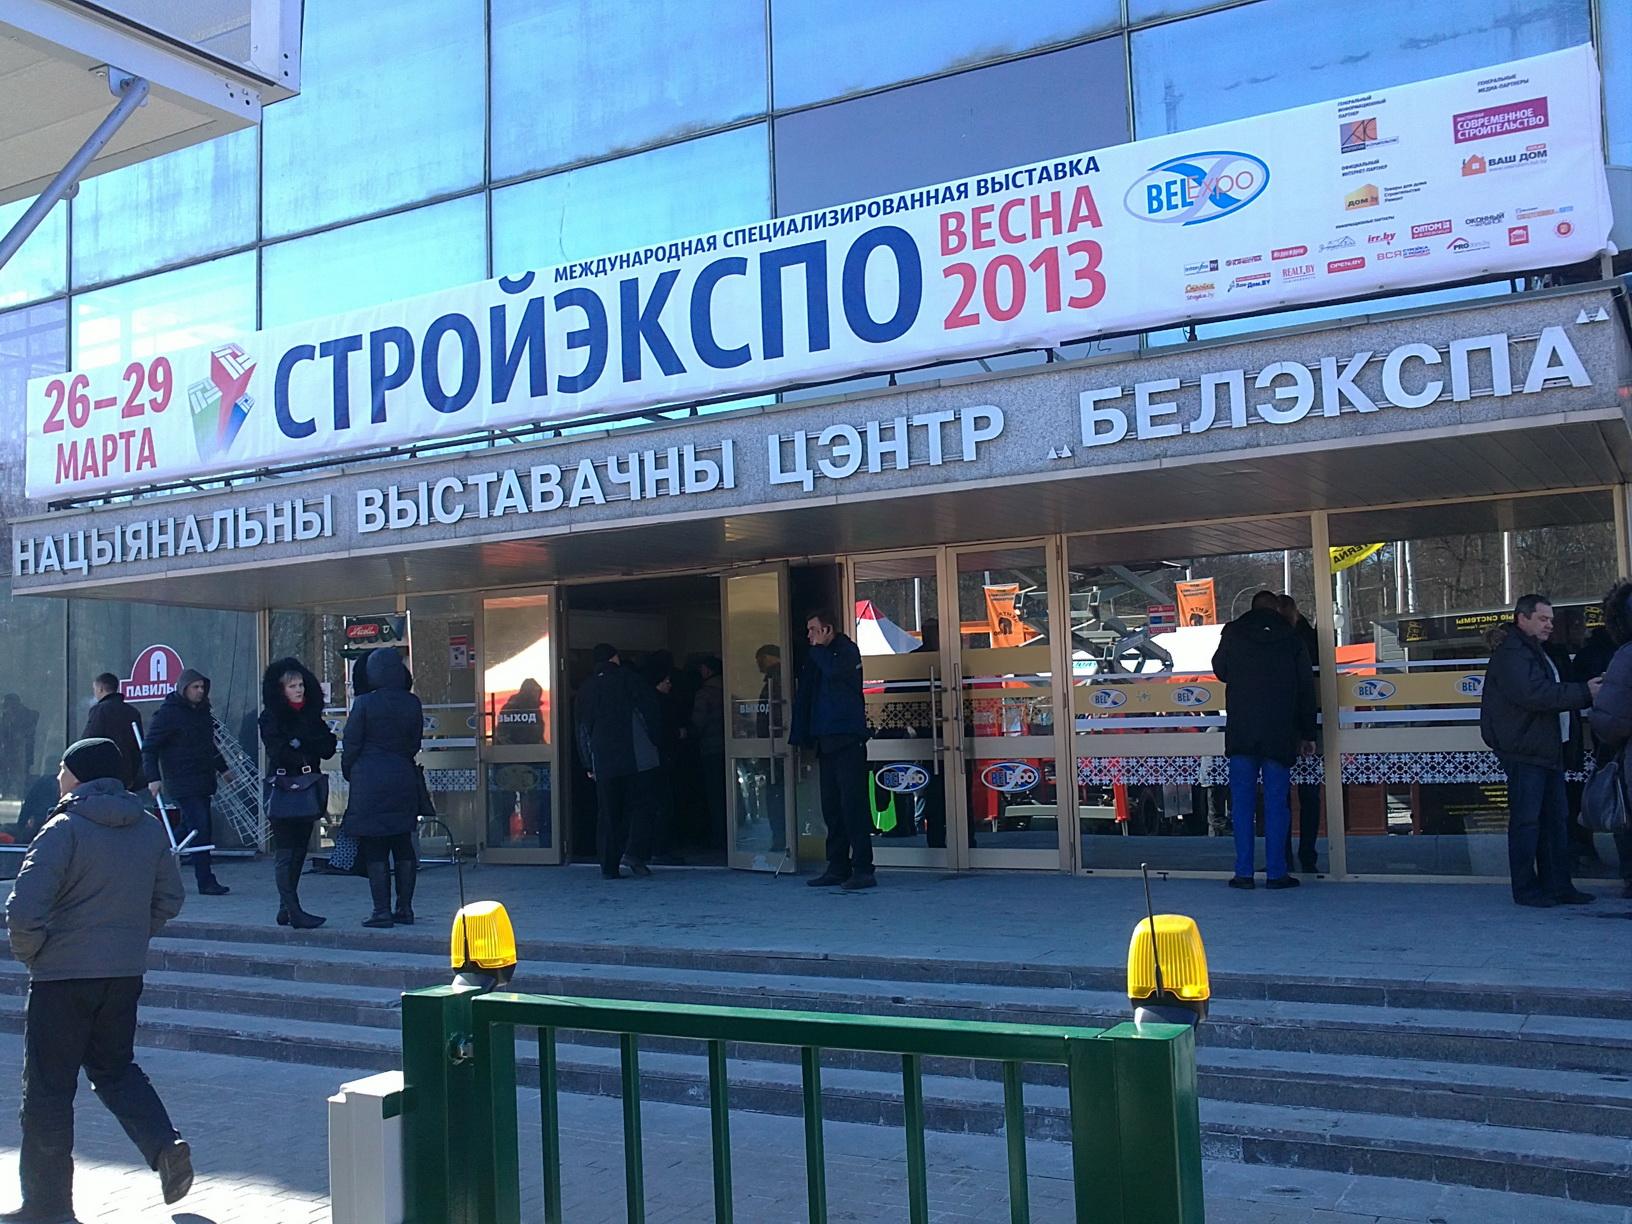 """Строительная выставка """"Стройэкспо-2013"""" стартовала!"""